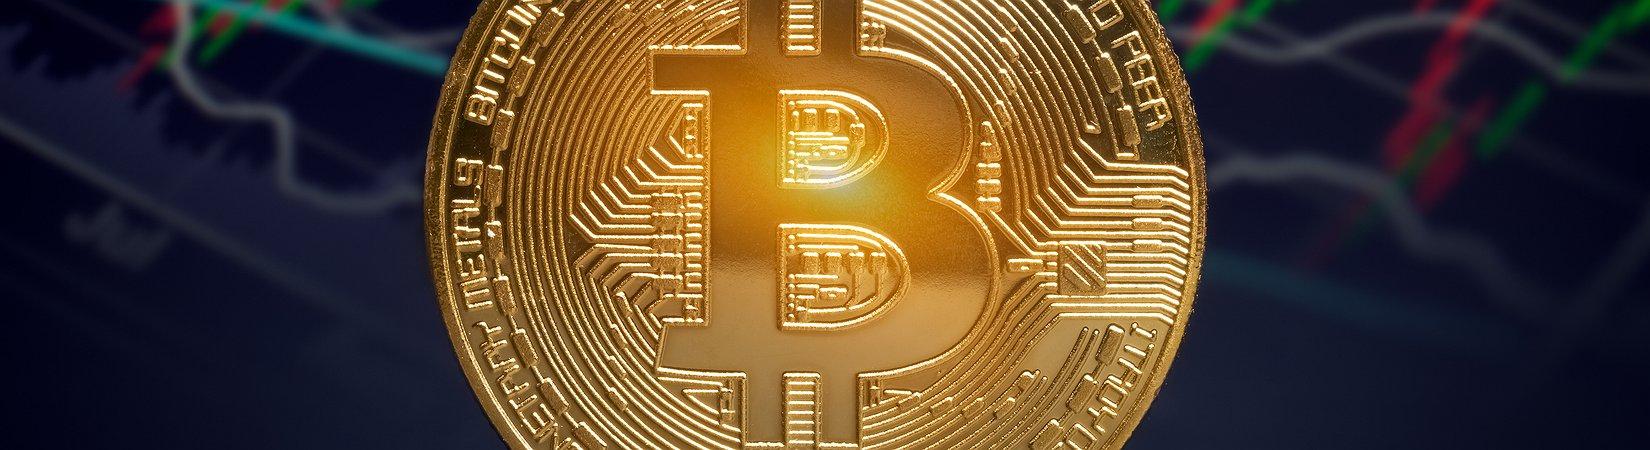 La Francia vuole regole comuni sul bitcoin tra i membri del G20